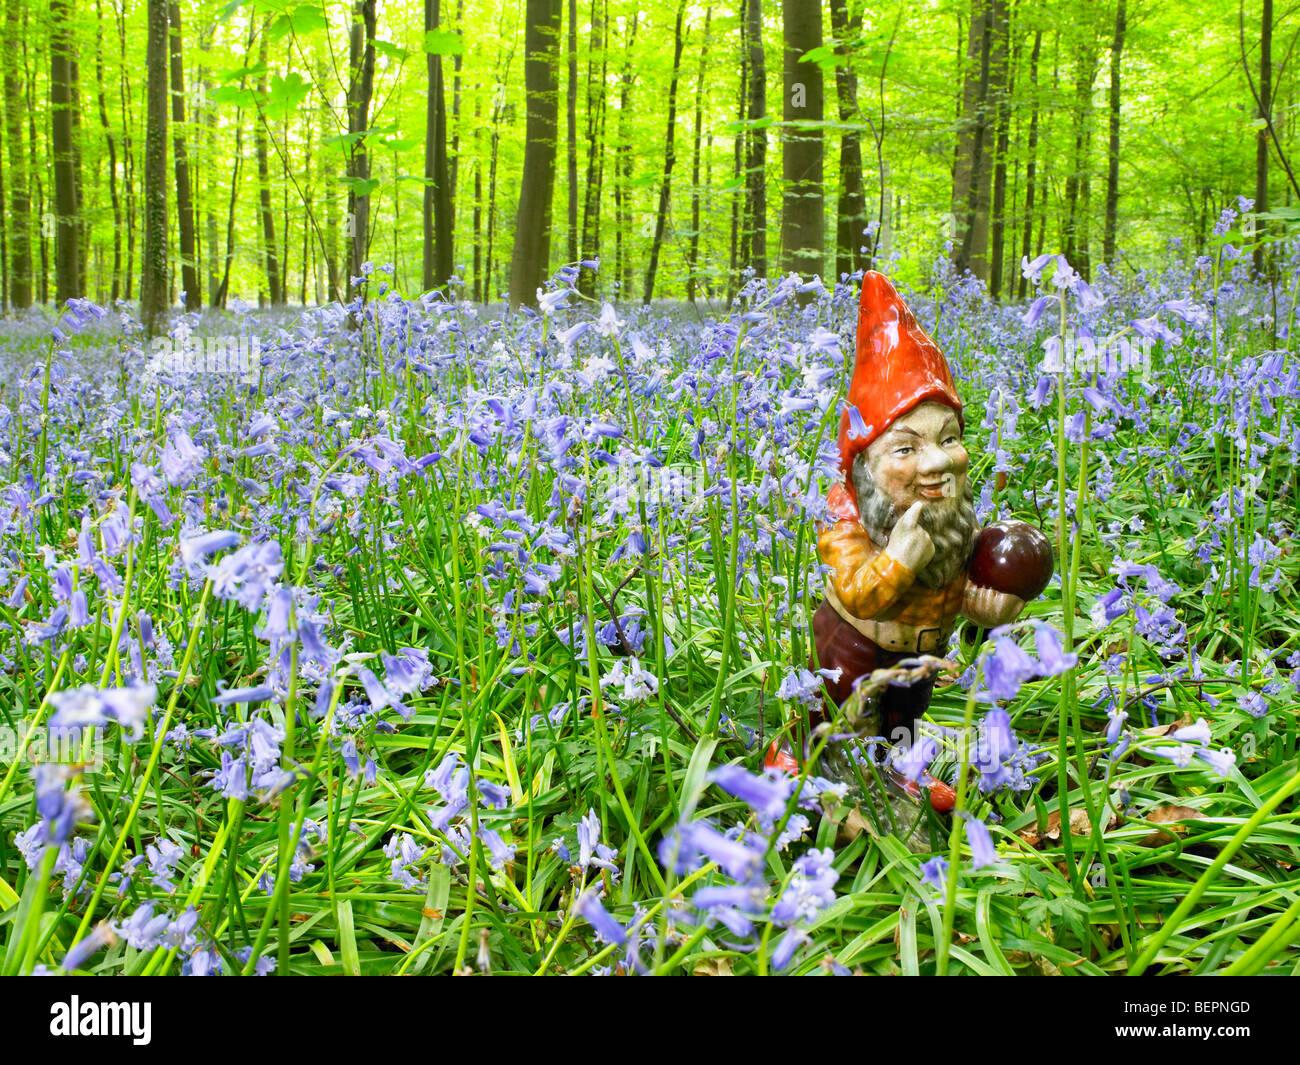 Gnomo da giardino nel bosco Immagini Stock